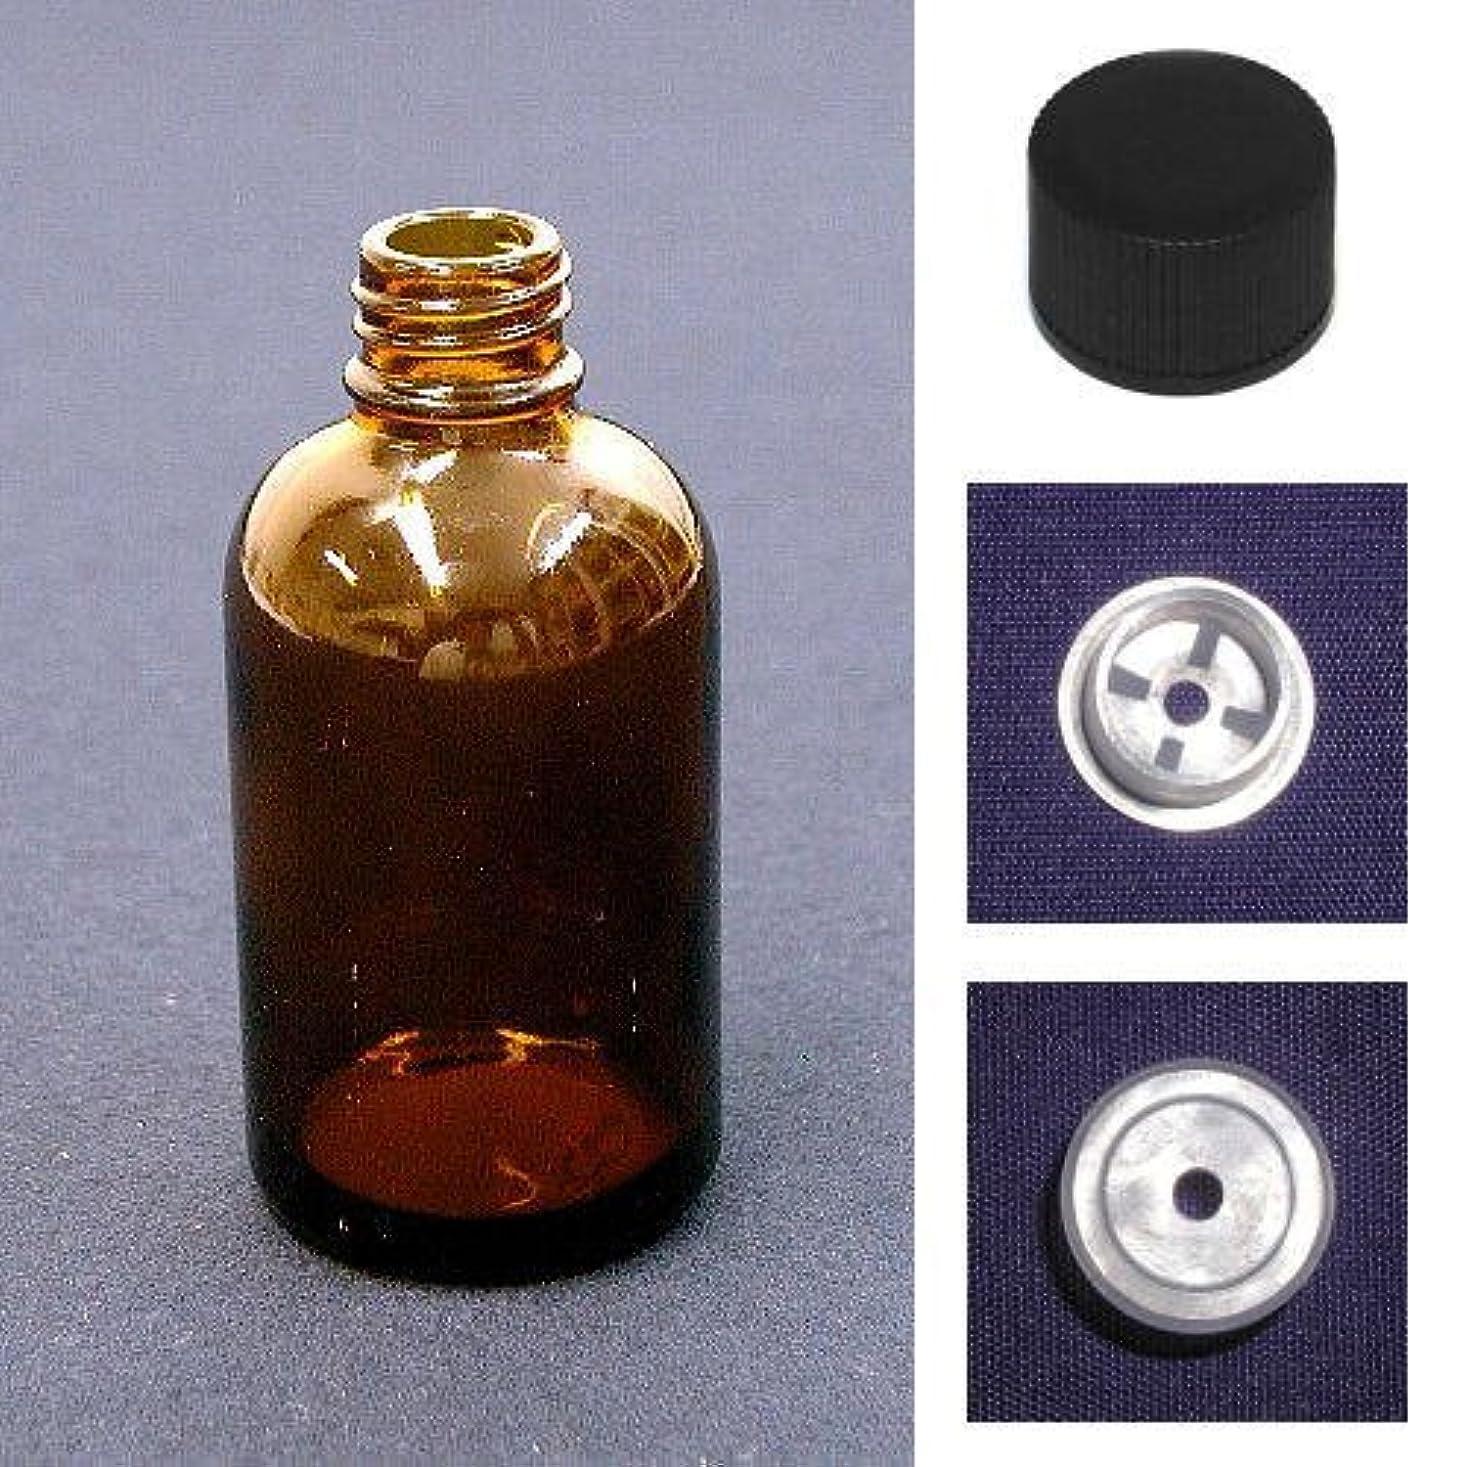 テレックスキュービック立方体遮光瓶-LTシリーズ 穴開き栓+キャップセット 60ml 【ボトル?容器】【いまじん】